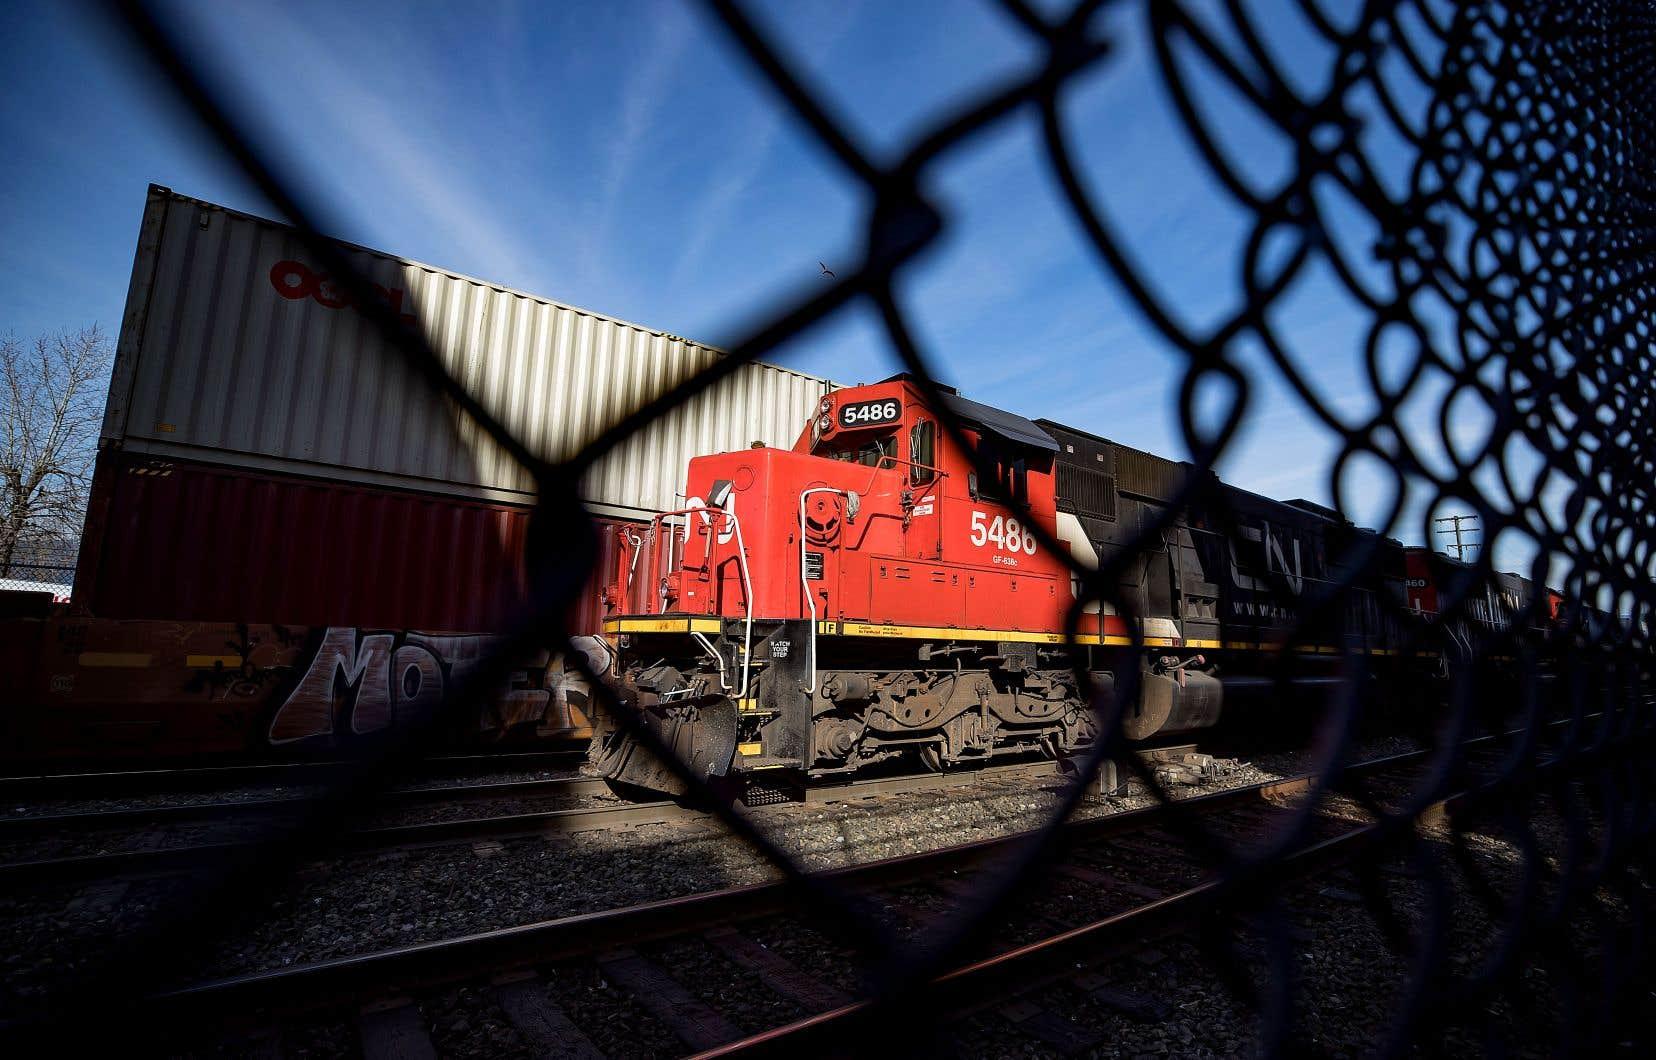 Le CN et le CP se sont entendus pour permettre à certains trains de marchandises de contourner les barrages des voies ferrées du CN, en passant par les États-Unis ou alors en utilisant les voies du Canadien.